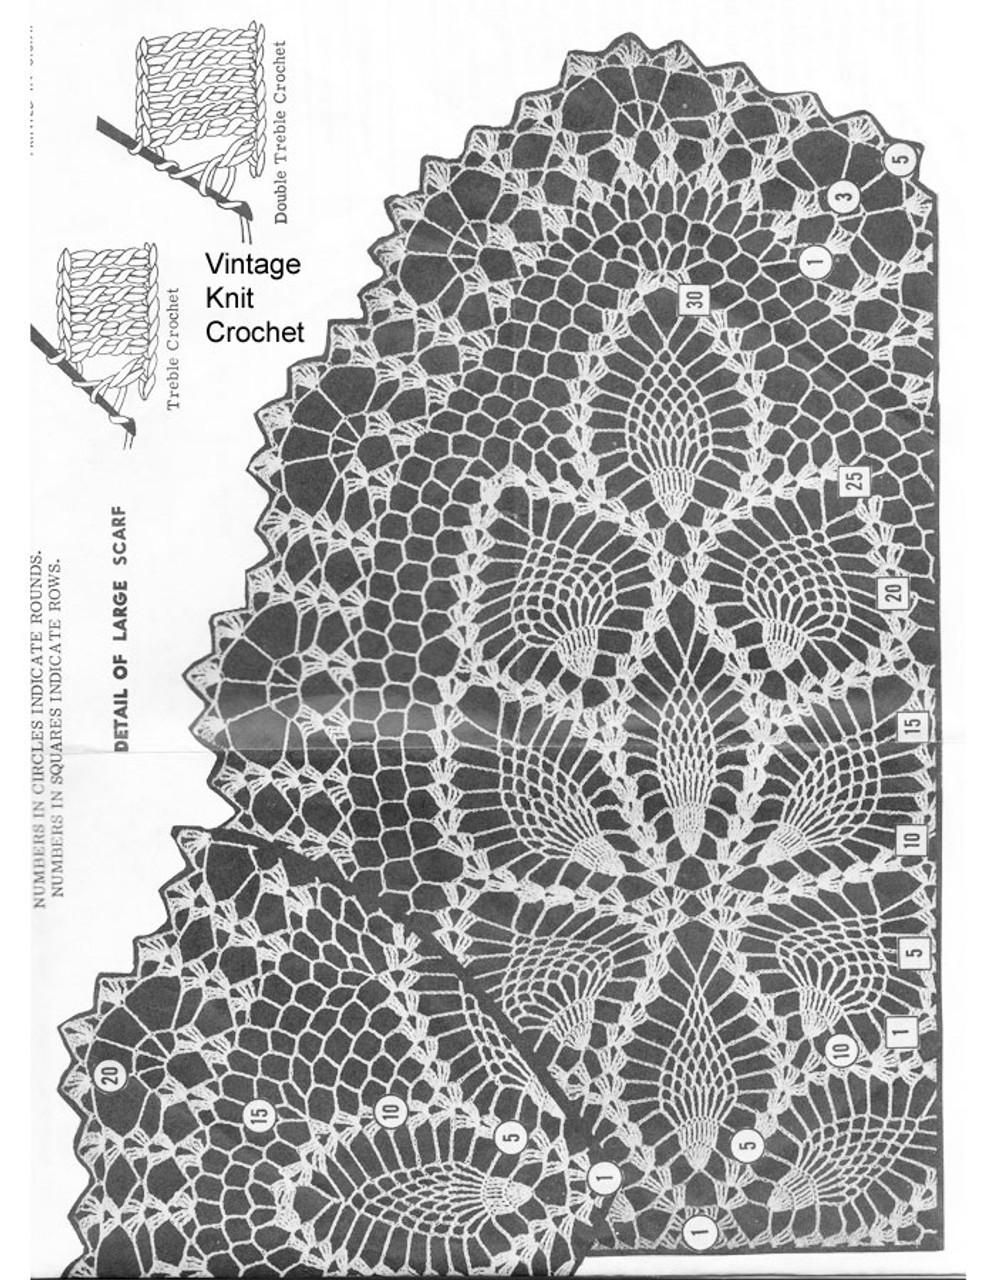 Pineapple Runner Crochet Pattern Illustration, Laura Wheeler 737